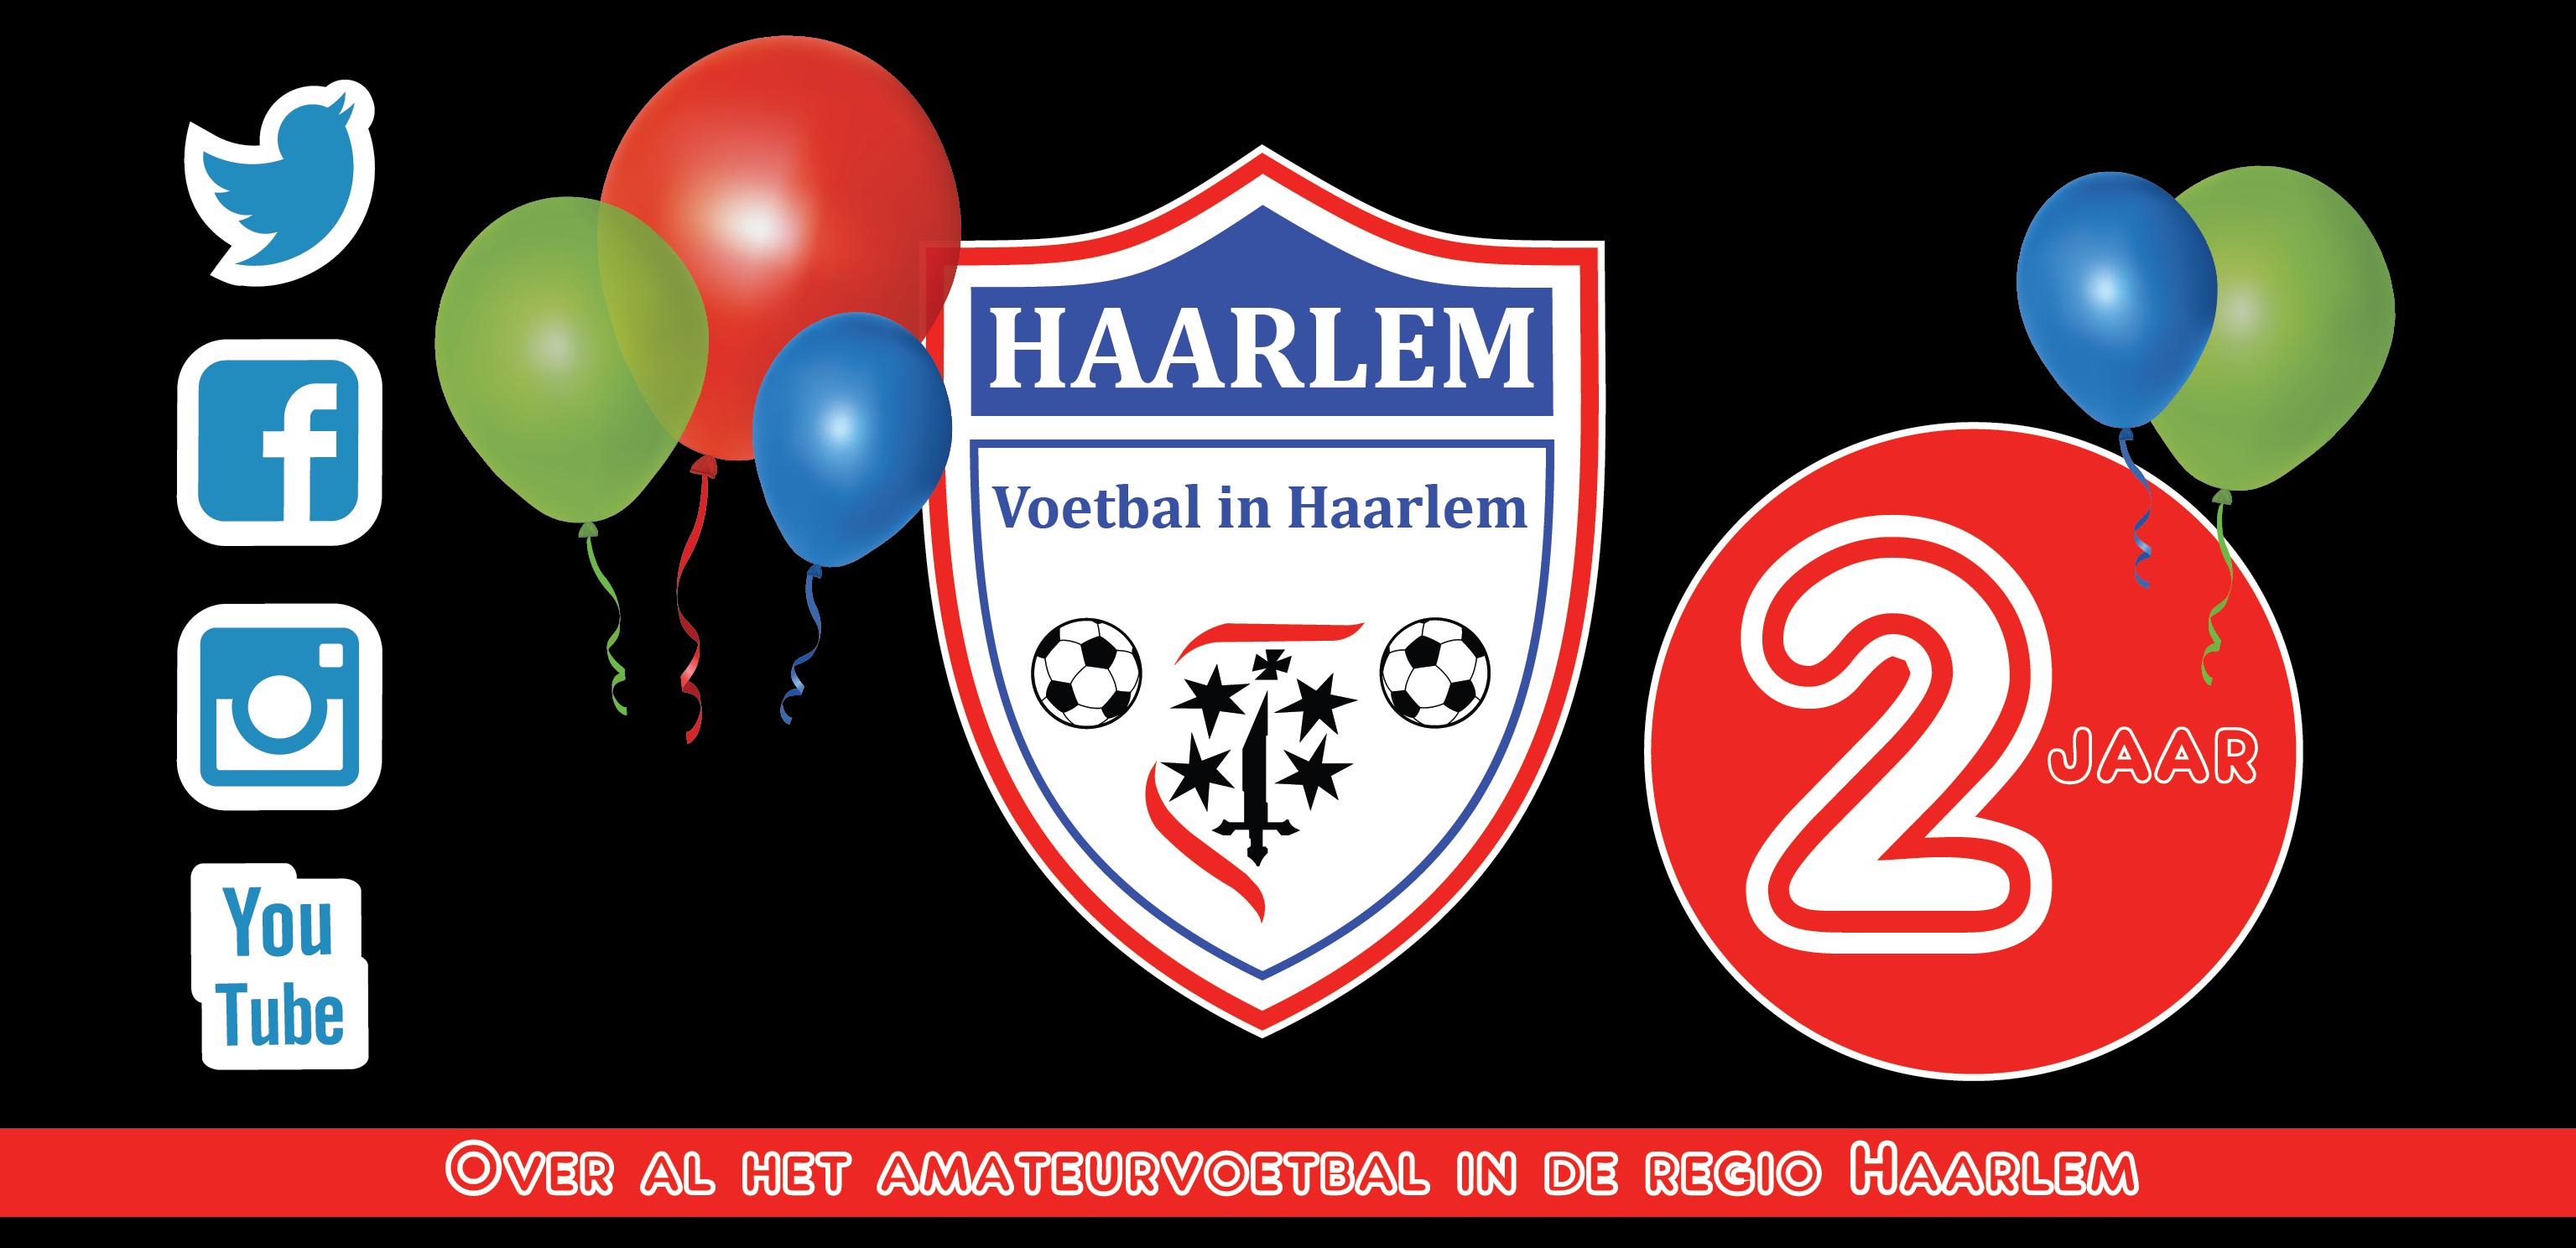 2 jaar - Voetbal in Haarlem